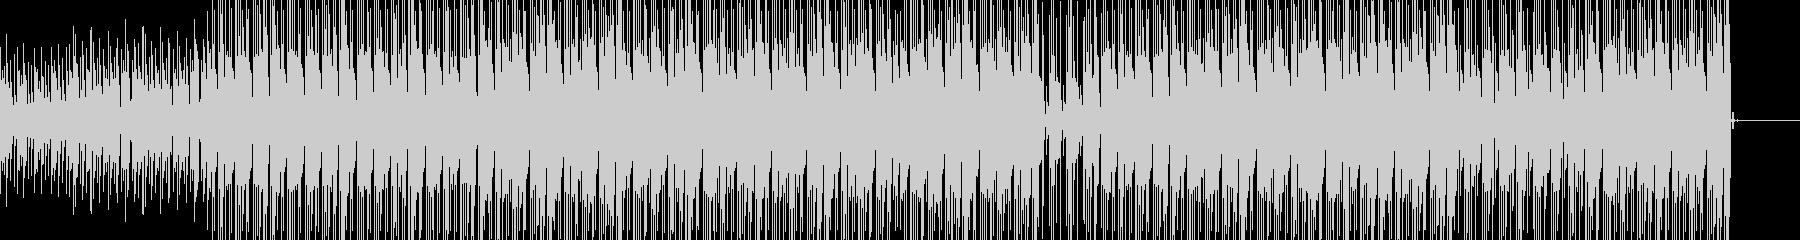 トラップ ヒップホップ 実験的 神...の未再生の波形